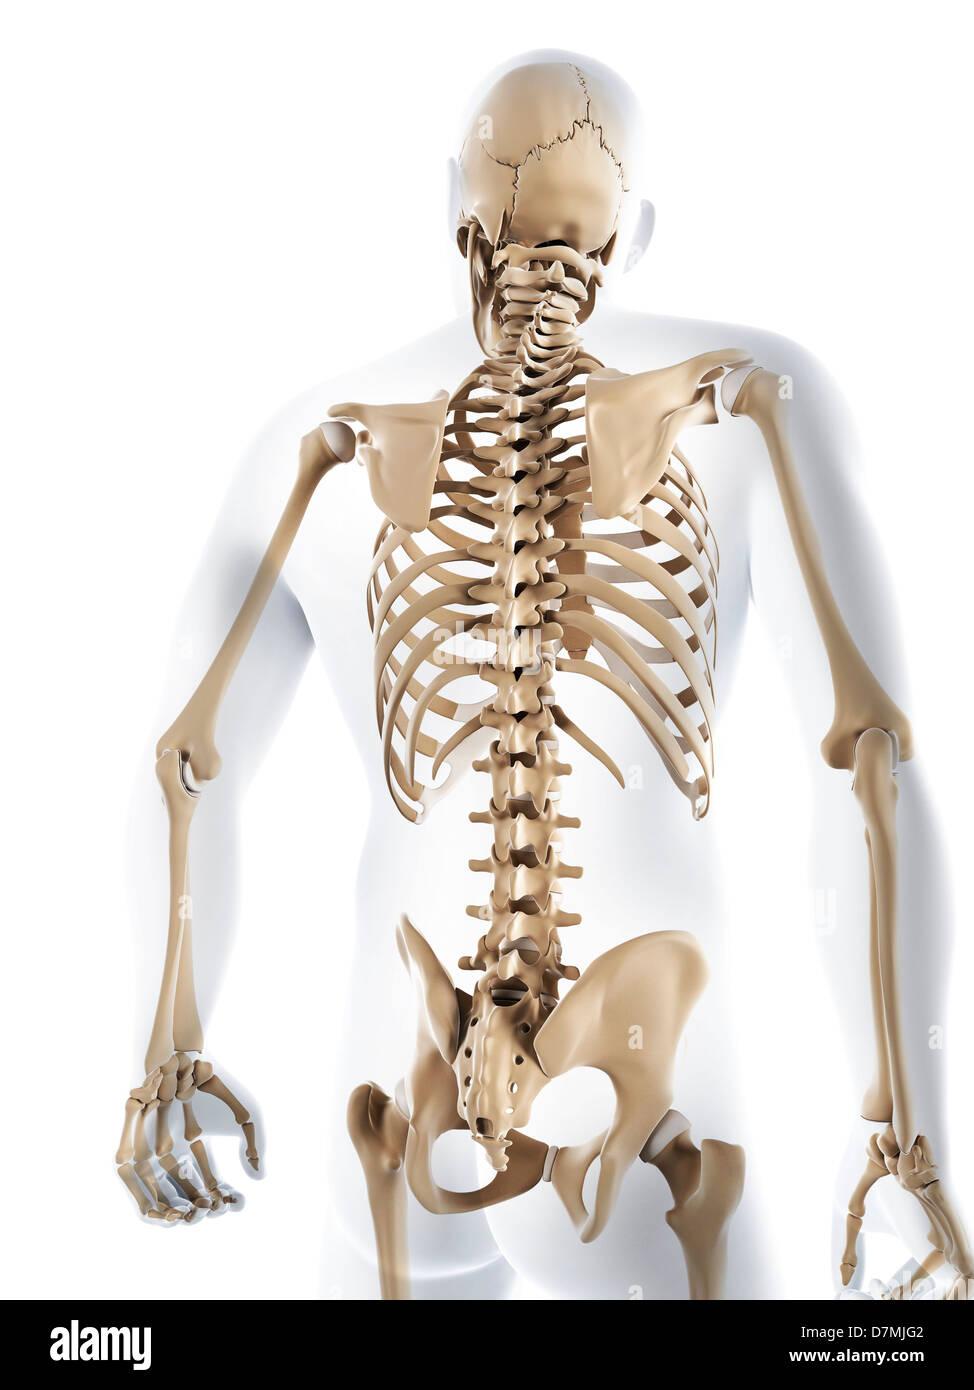 Ziemlich Männlich Skelett System Ideen - Anatomie Von Menschlichen ...